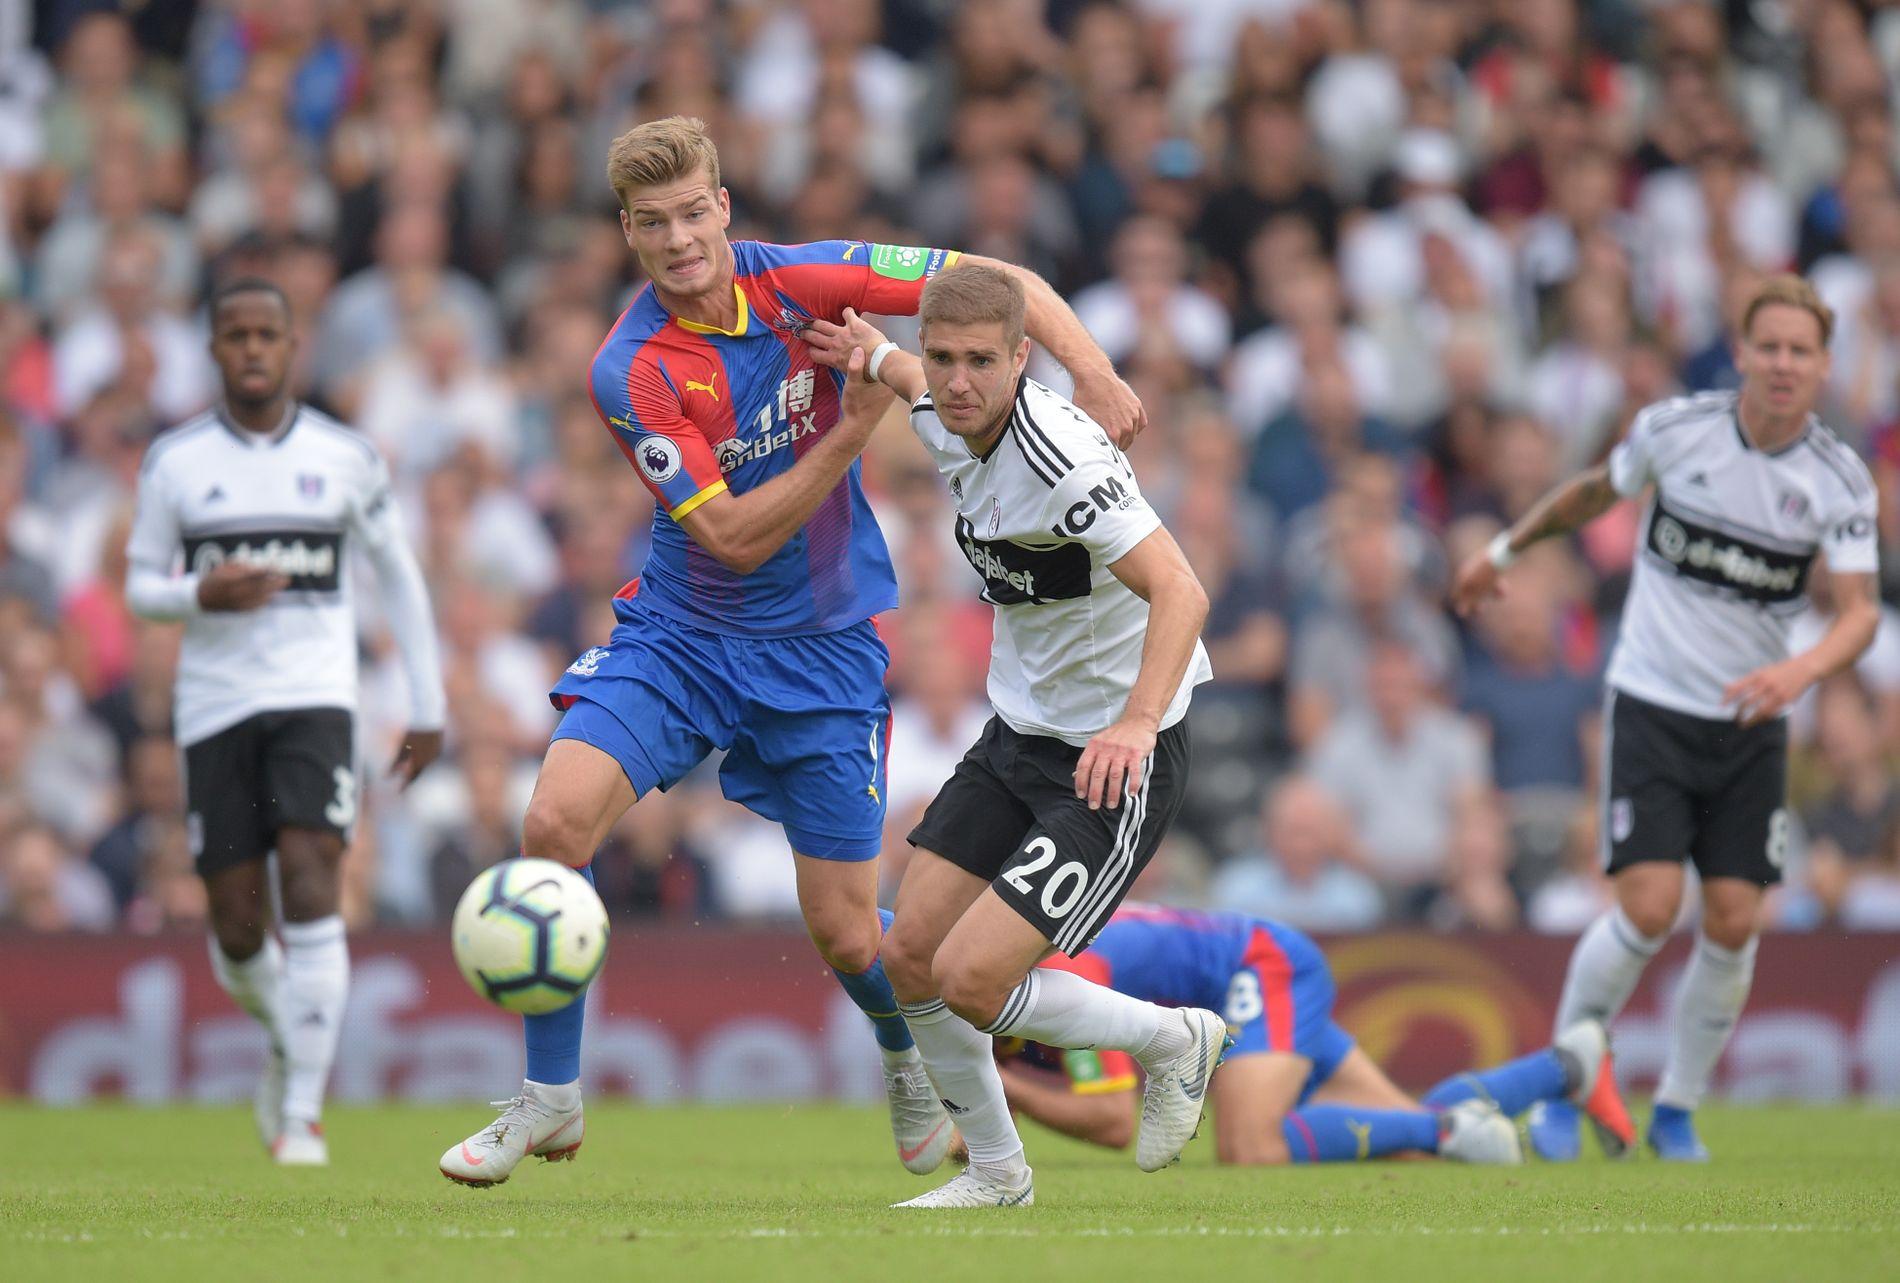 BYTTET INN: Alexander Sørloth kjemper i en duell med Fulham-stopper Maxime Le Marchand, mens Stefan Johansen (til høyre) følger med.